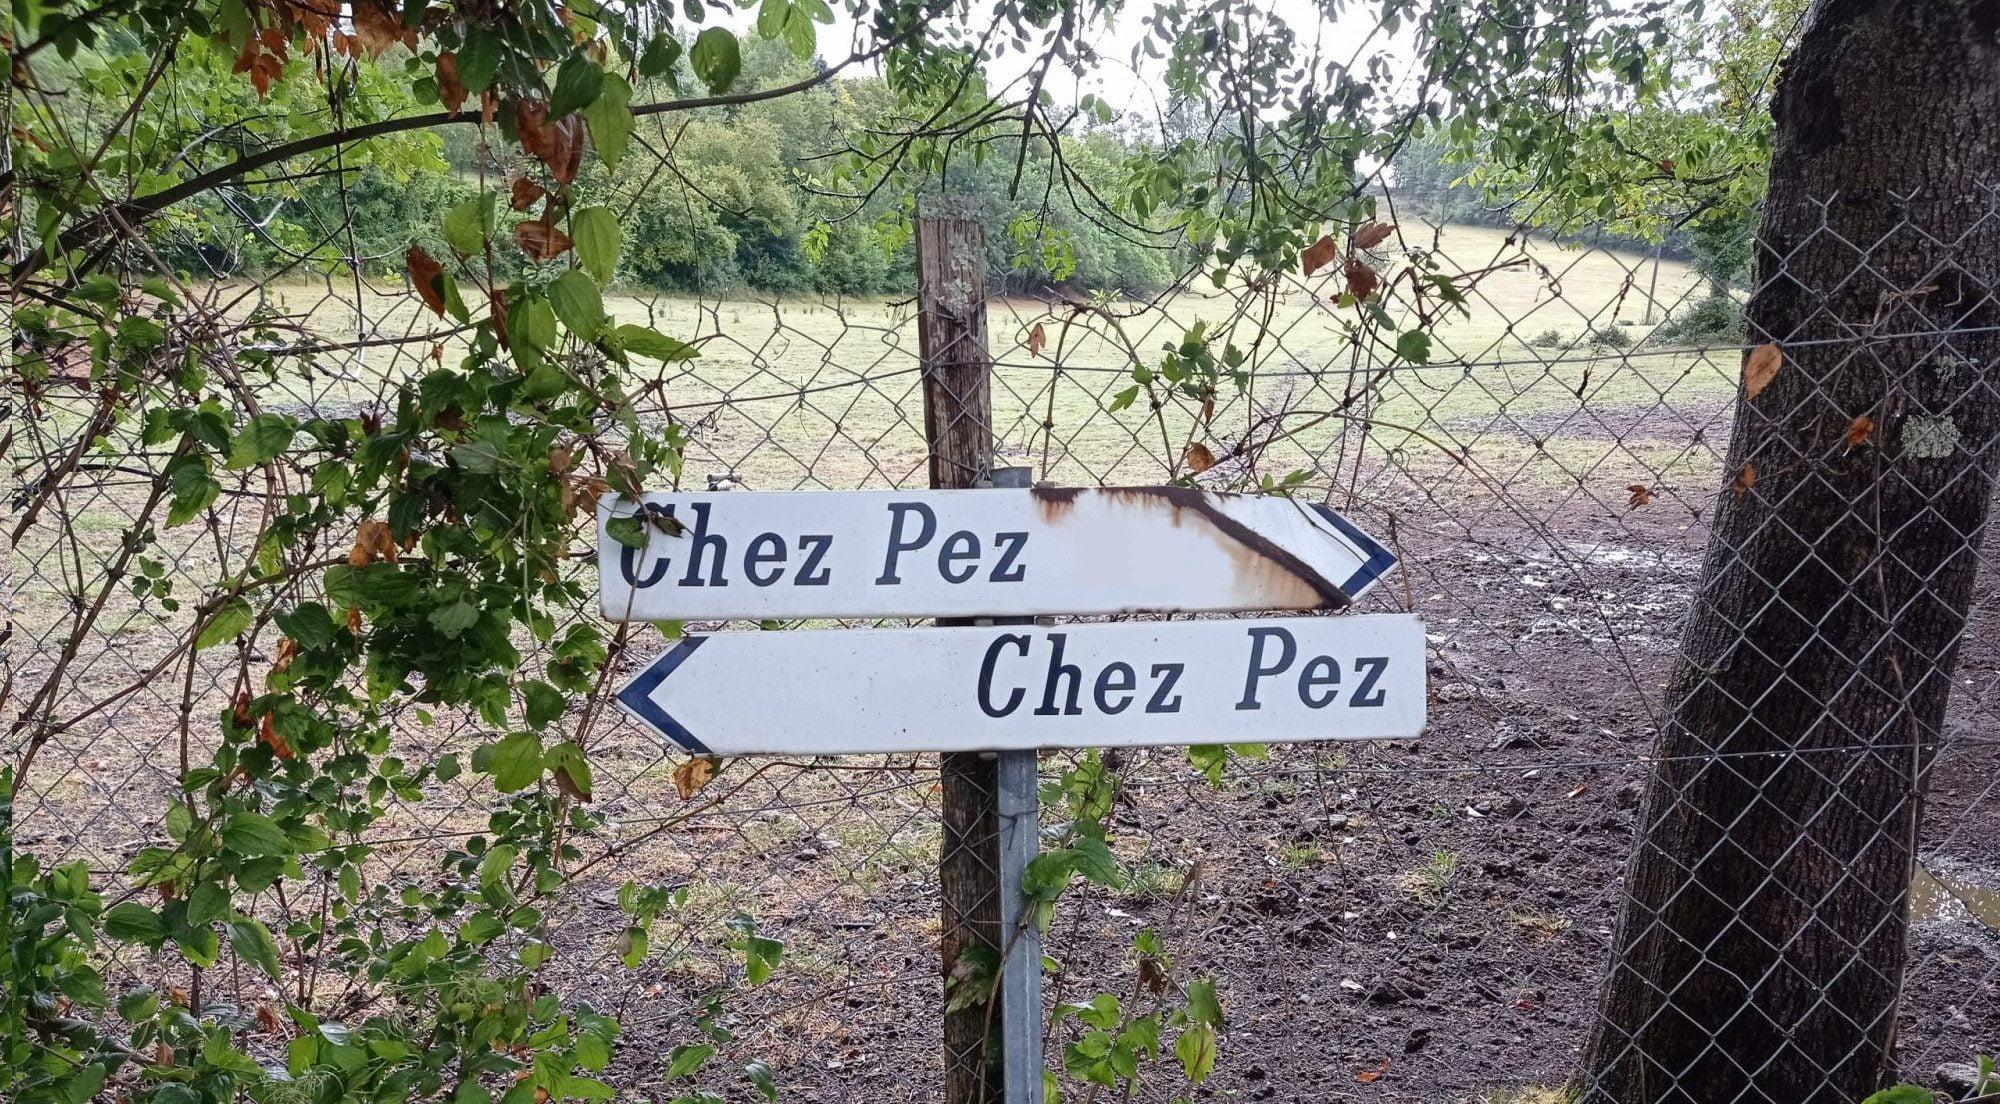 Chez Pez